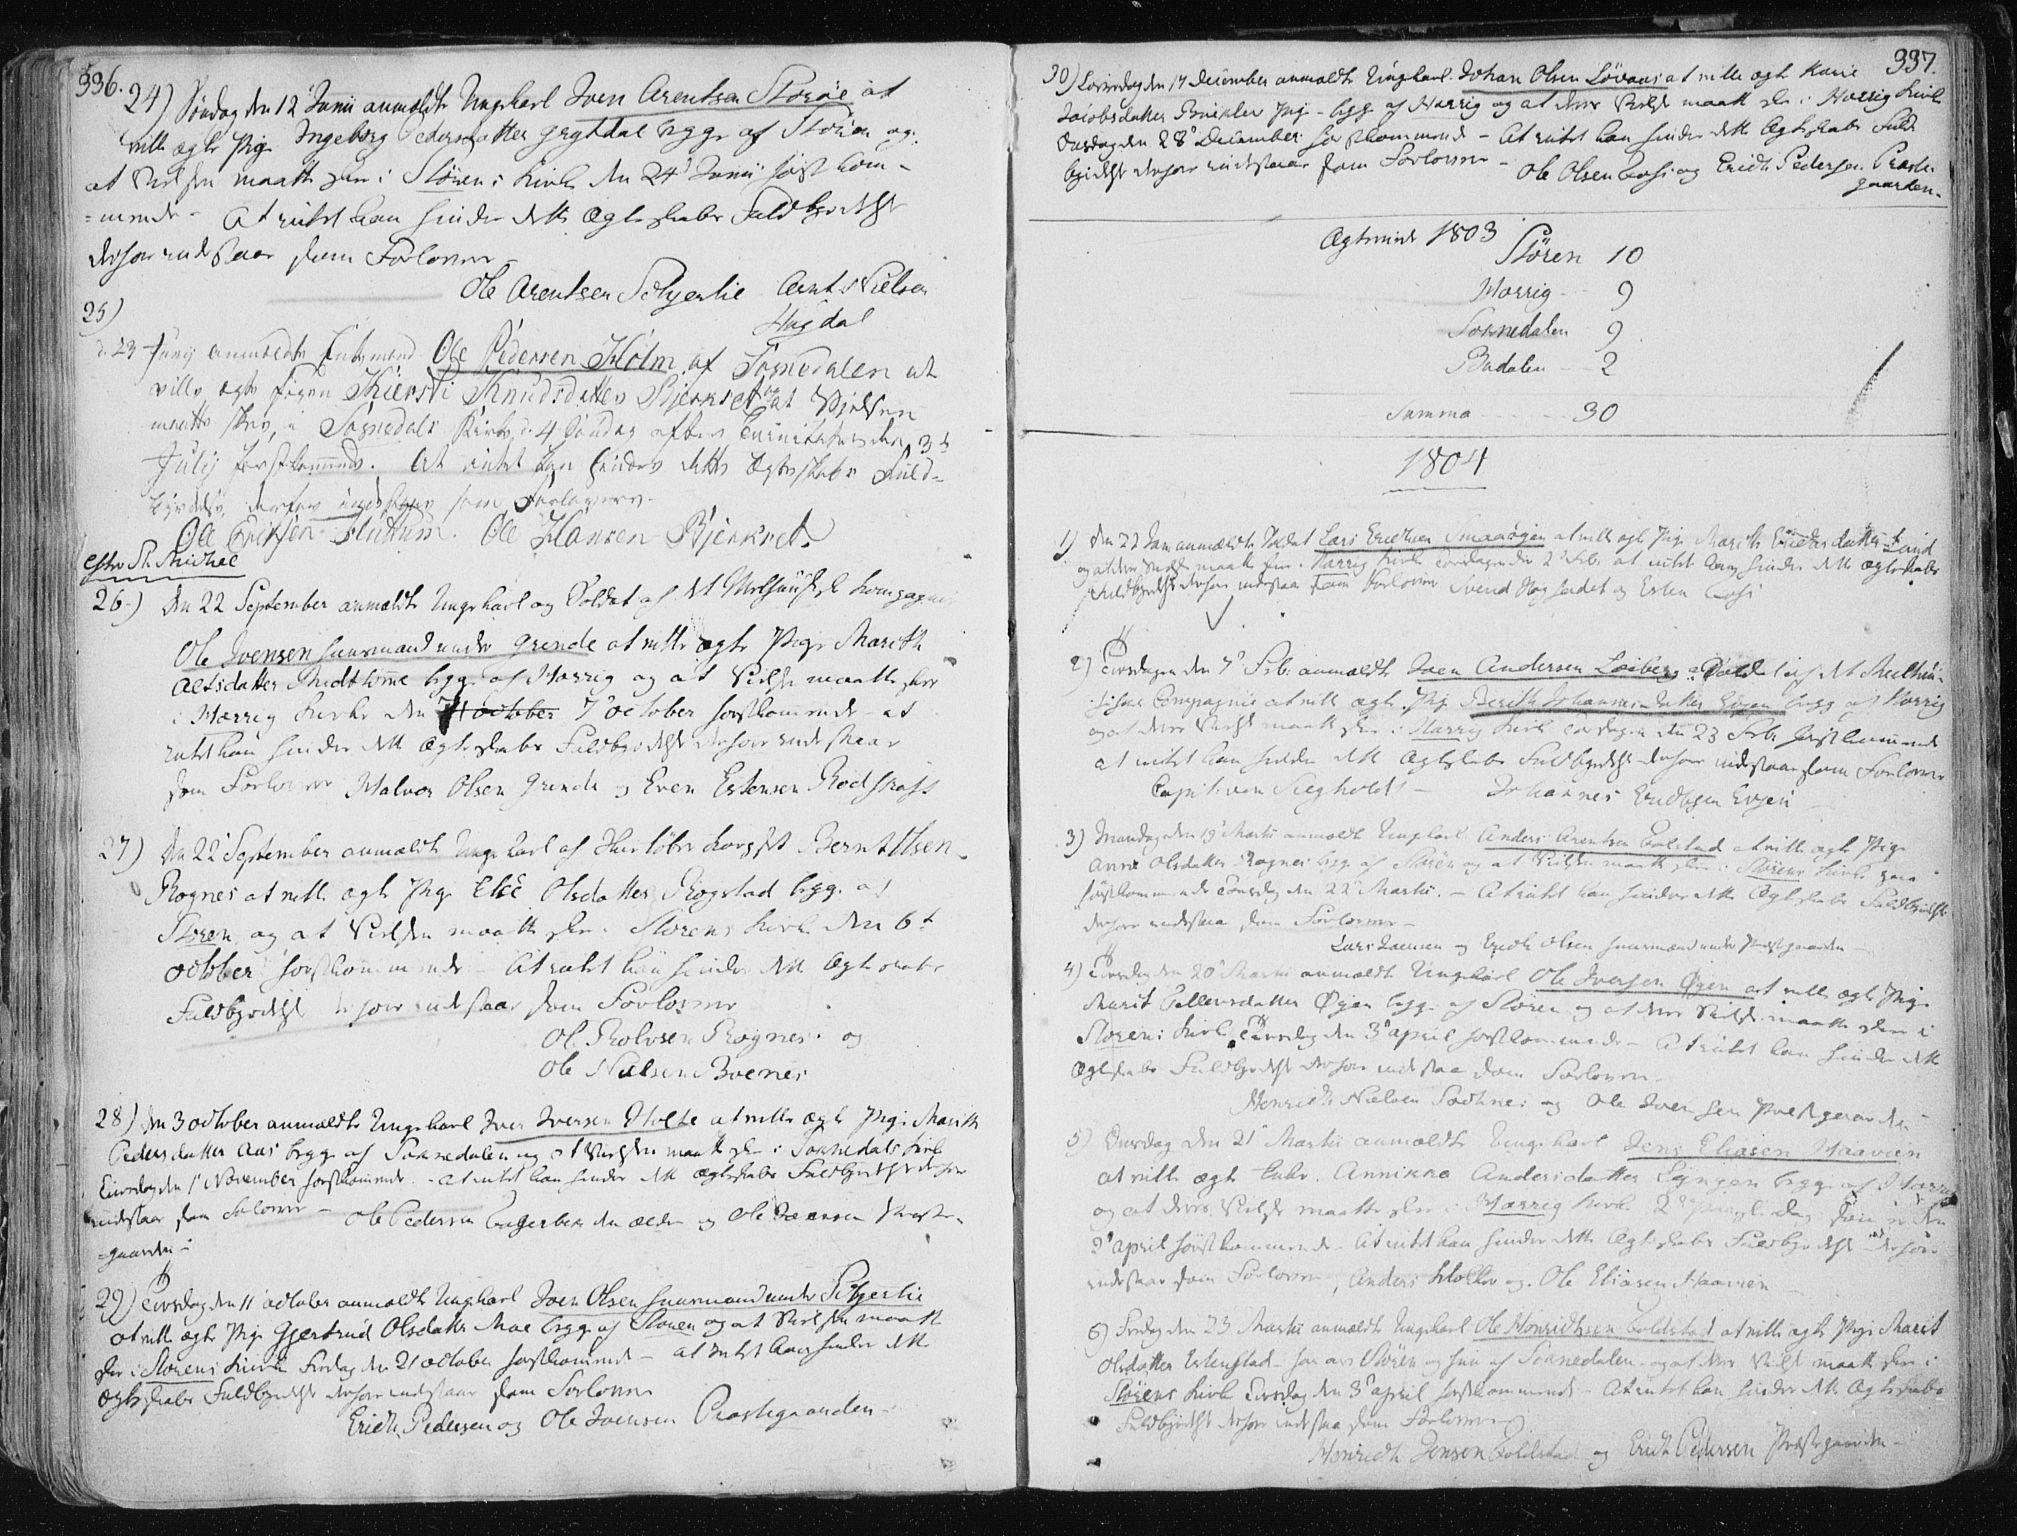 SAT, Ministerialprotokoller, klokkerbøker og fødselsregistre - Sør-Trøndelag, 687/L0992: Ministerialbok nr. 687A03 /1, 1788-1815, s. 336-337